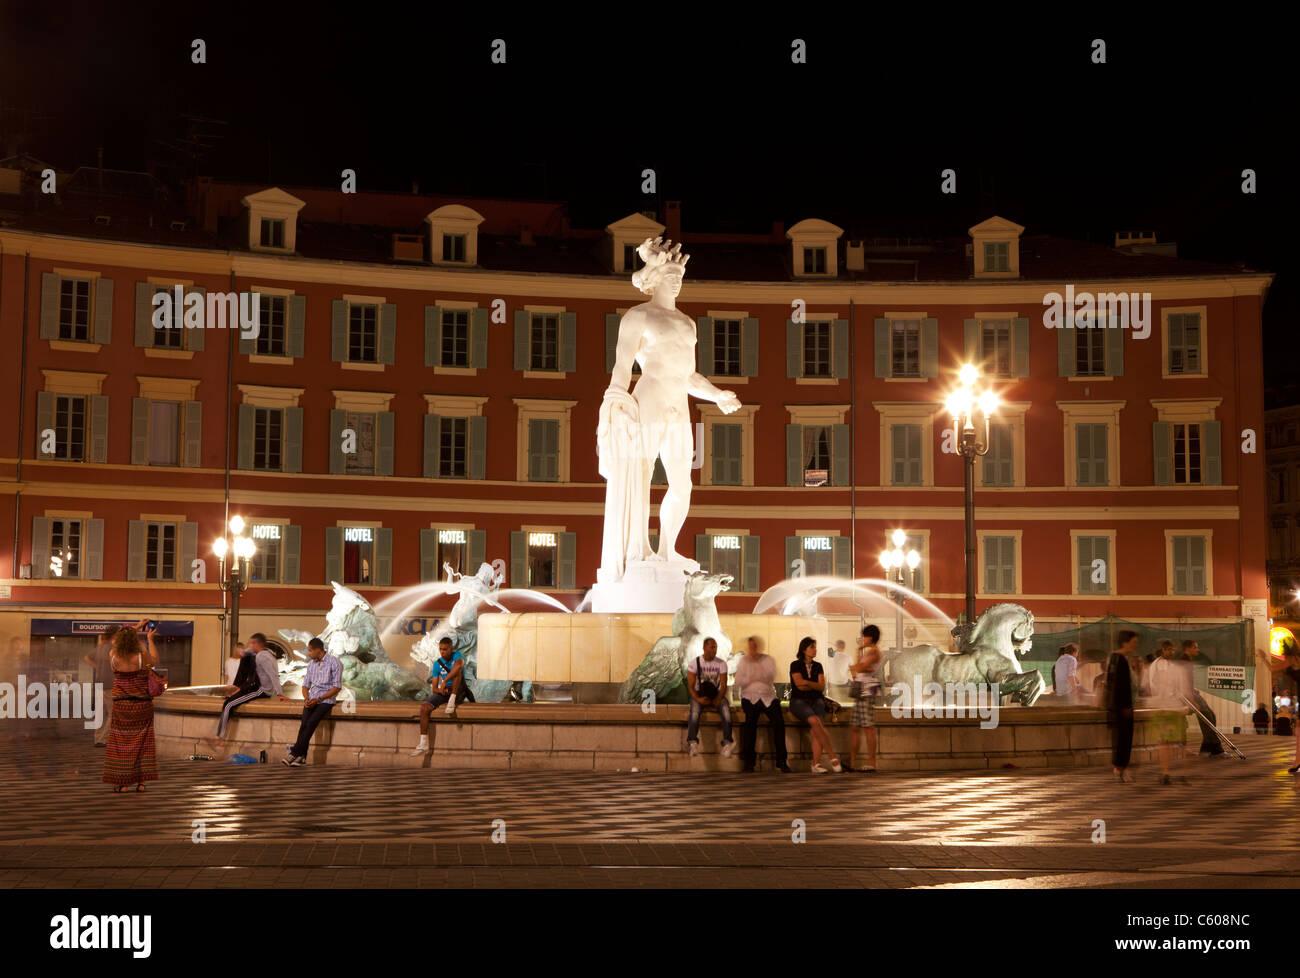 Place Massena, Nice, France - Stock Image